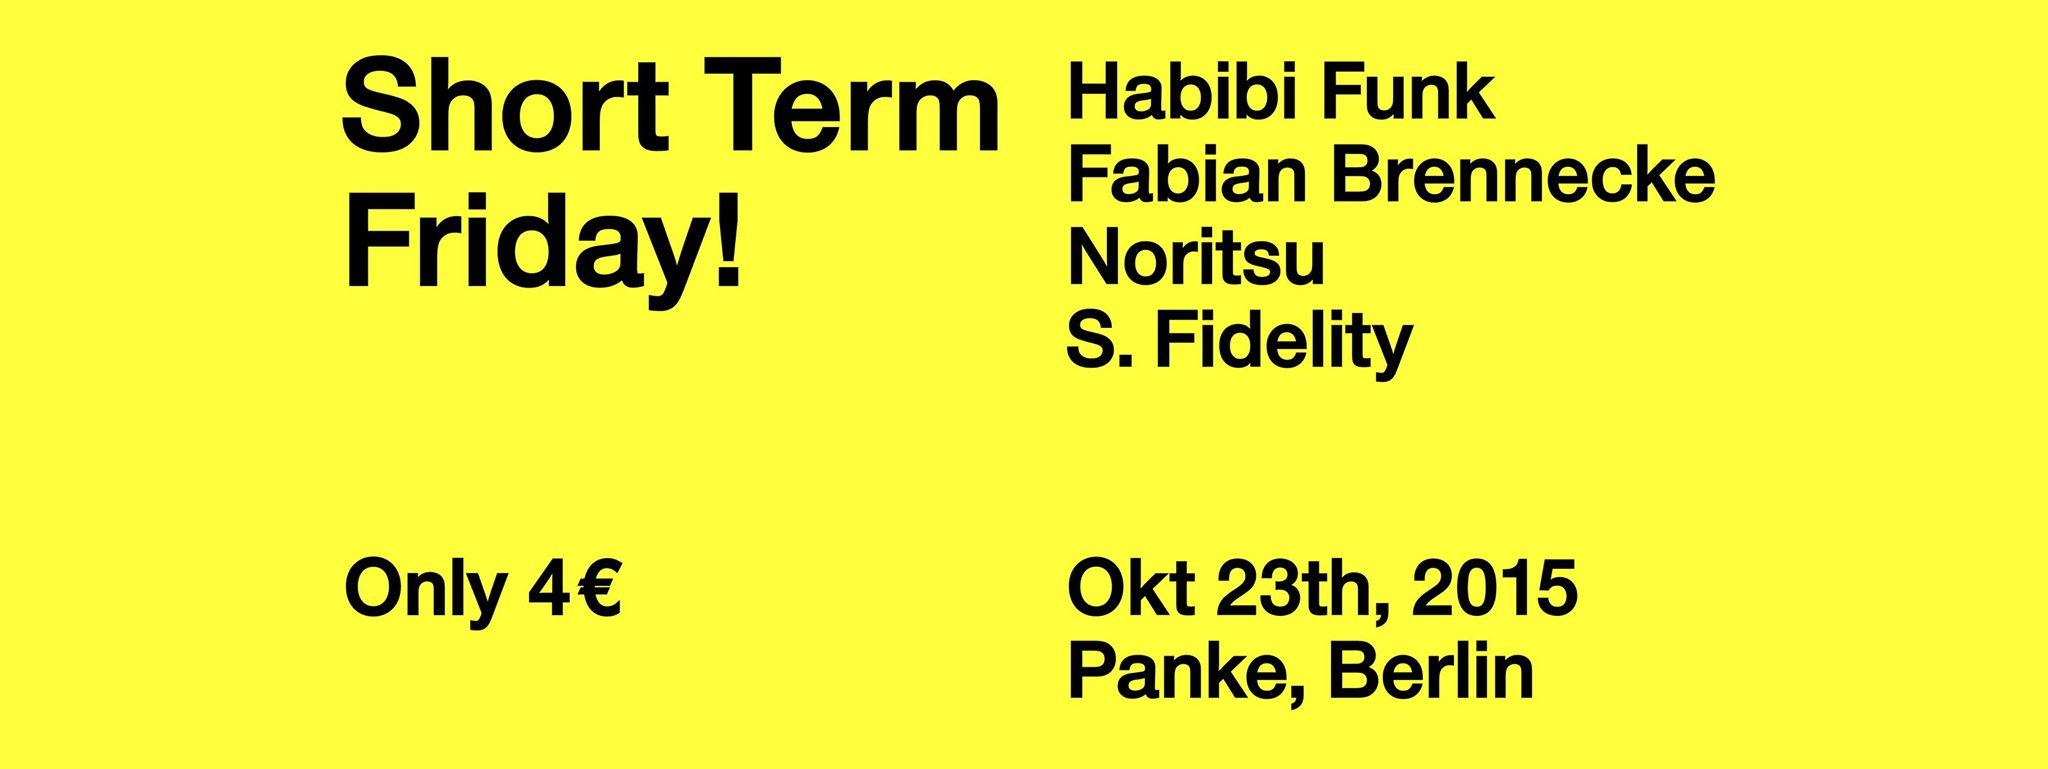 Short Term Friday!